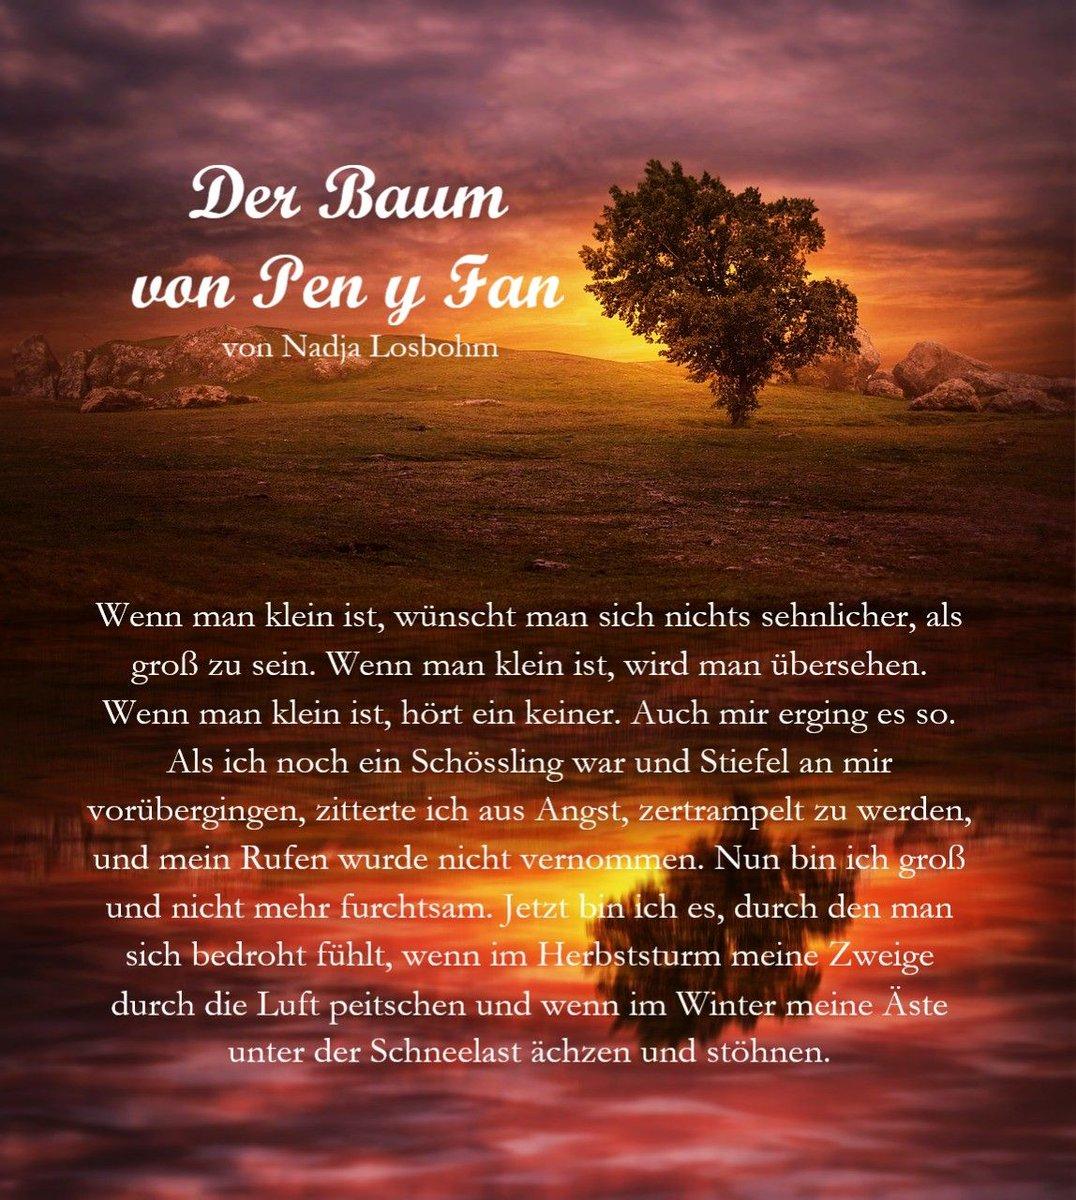 """#bookquote """"Chwedlau Tywyll - Dunkle #Märchen"""" """"Wenn man klein ist, wünscht man sich nichts sehnlicher, als groß zu sein."""" https://buff.ly/2xANMZH #debk #taschenbuch #thalia #GermanMediaRT #darkfantasy #Lesestoff #wirbleibenzuhause #emotionen #buchblogger #bücherhamsternpic.twitter.com/6PlvtsYGka"""